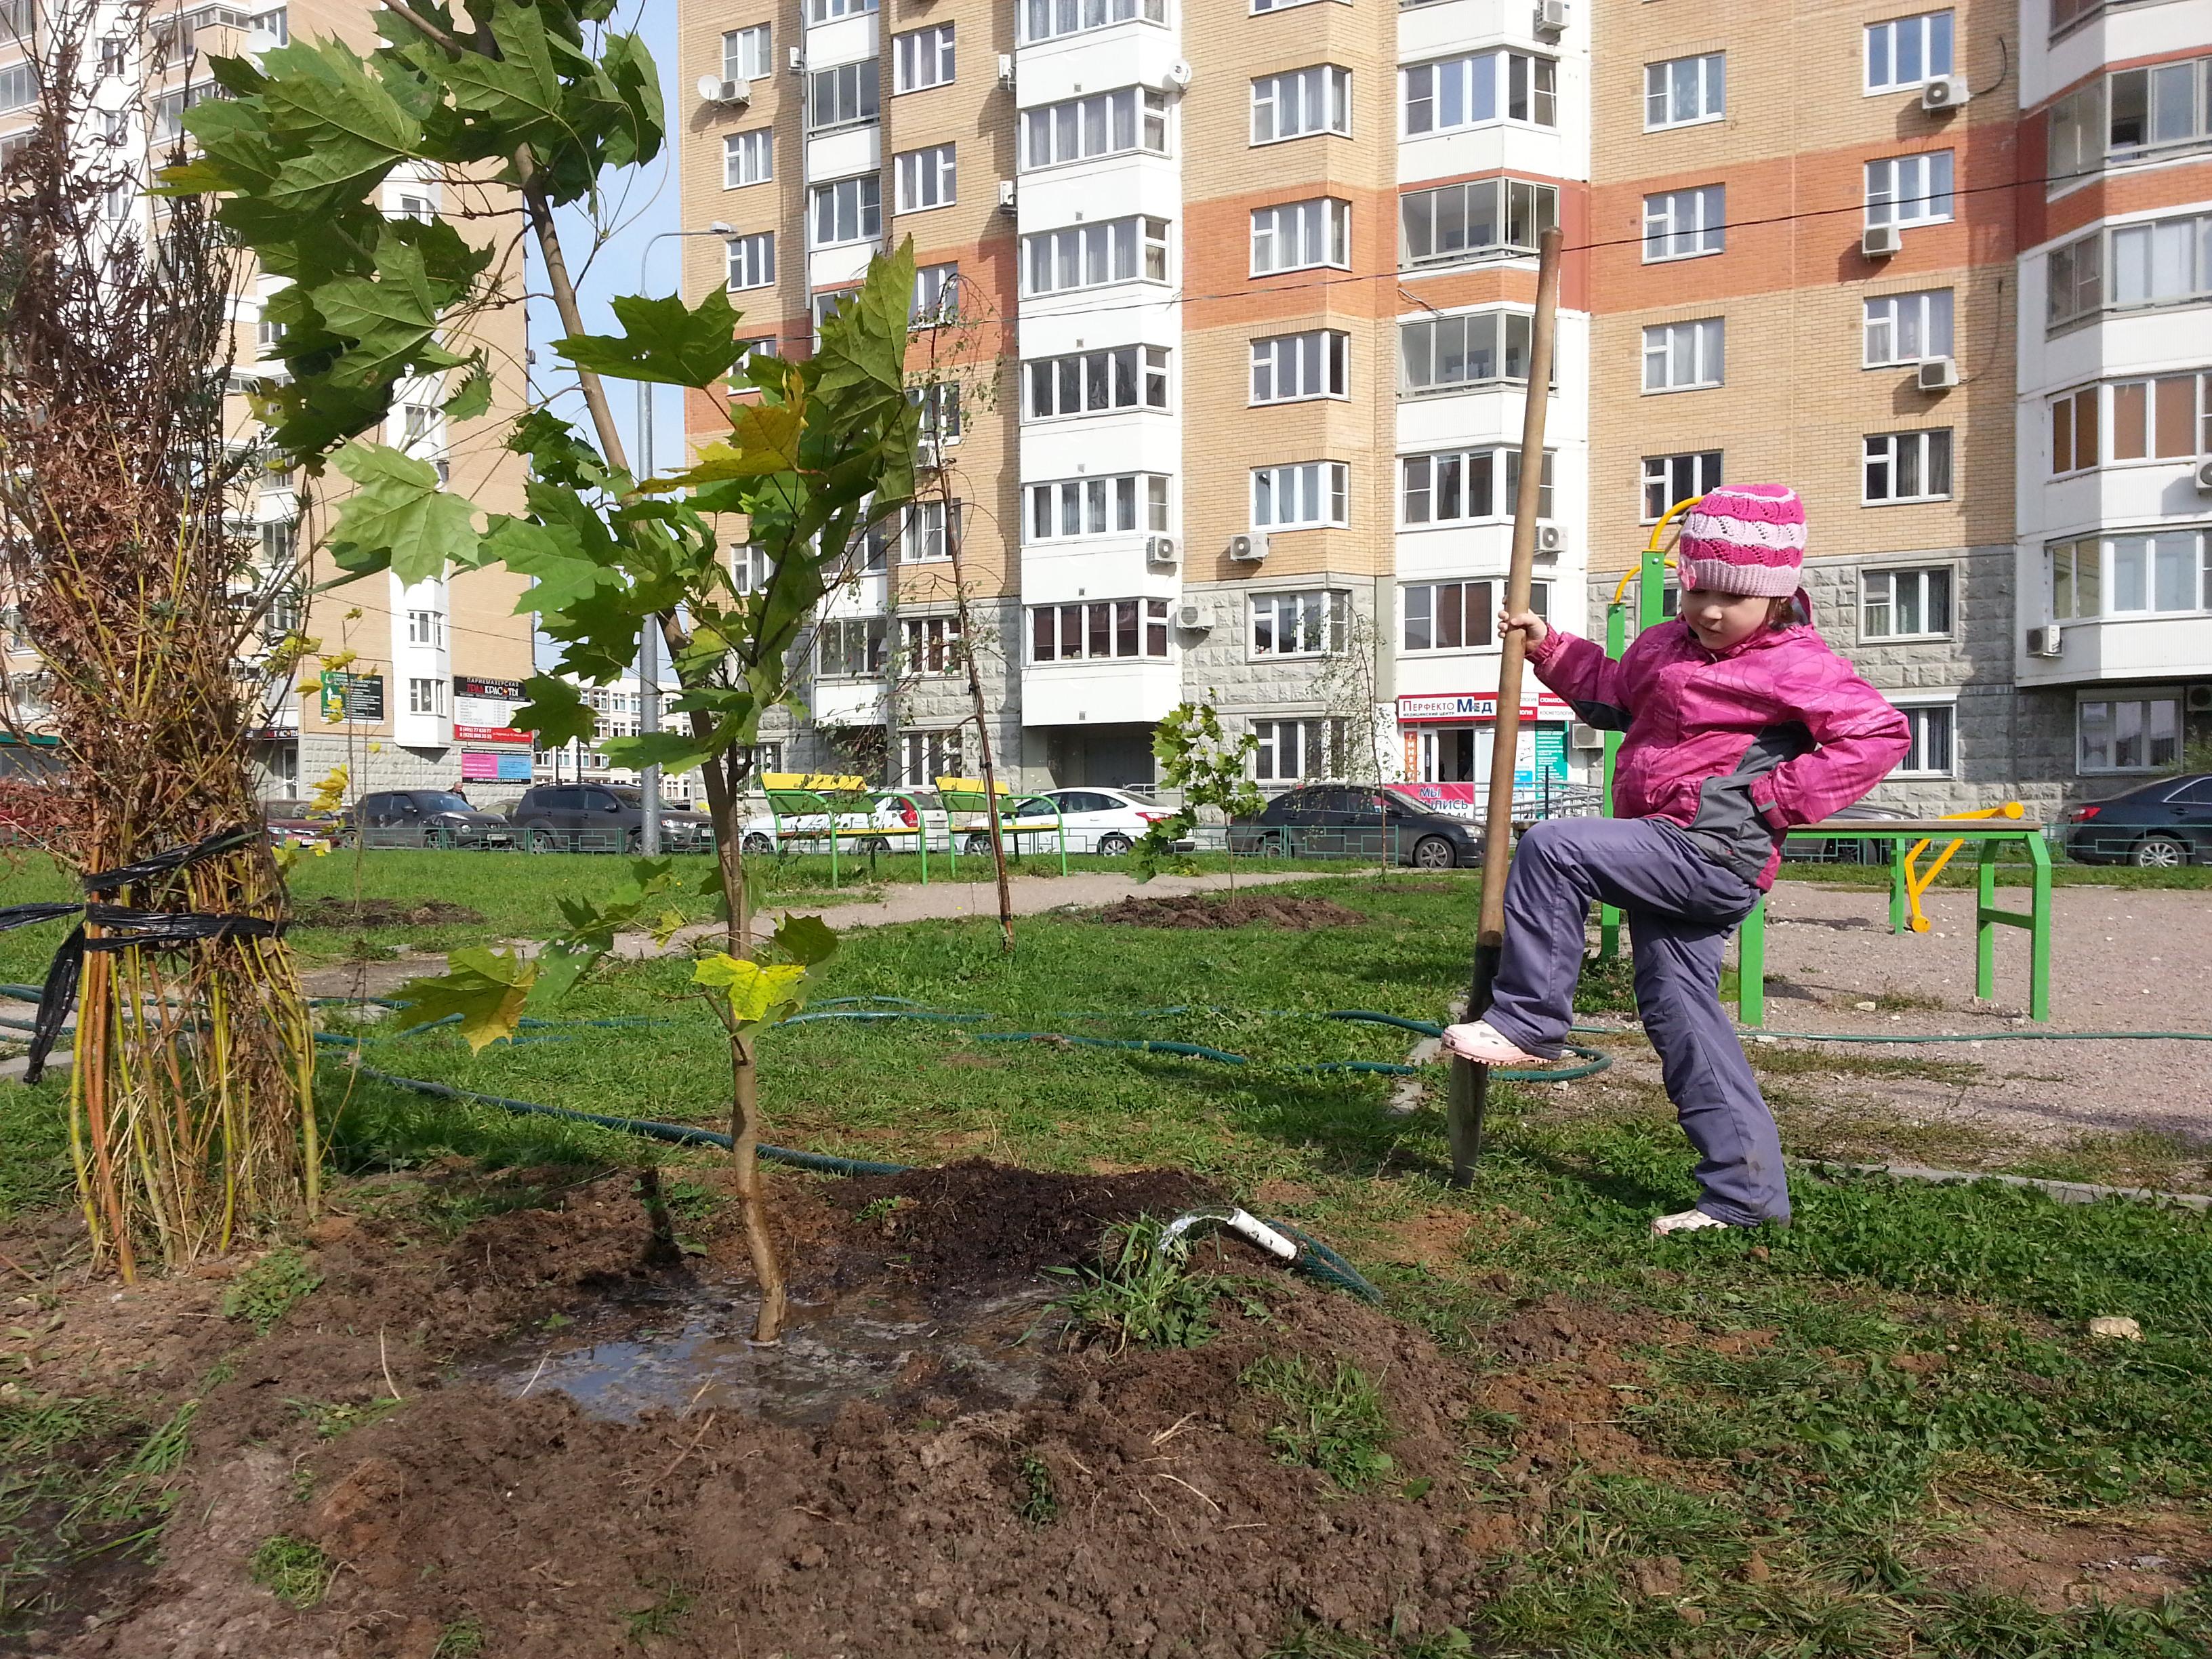 Озеленение двора в граде 27 сентября 2014 г